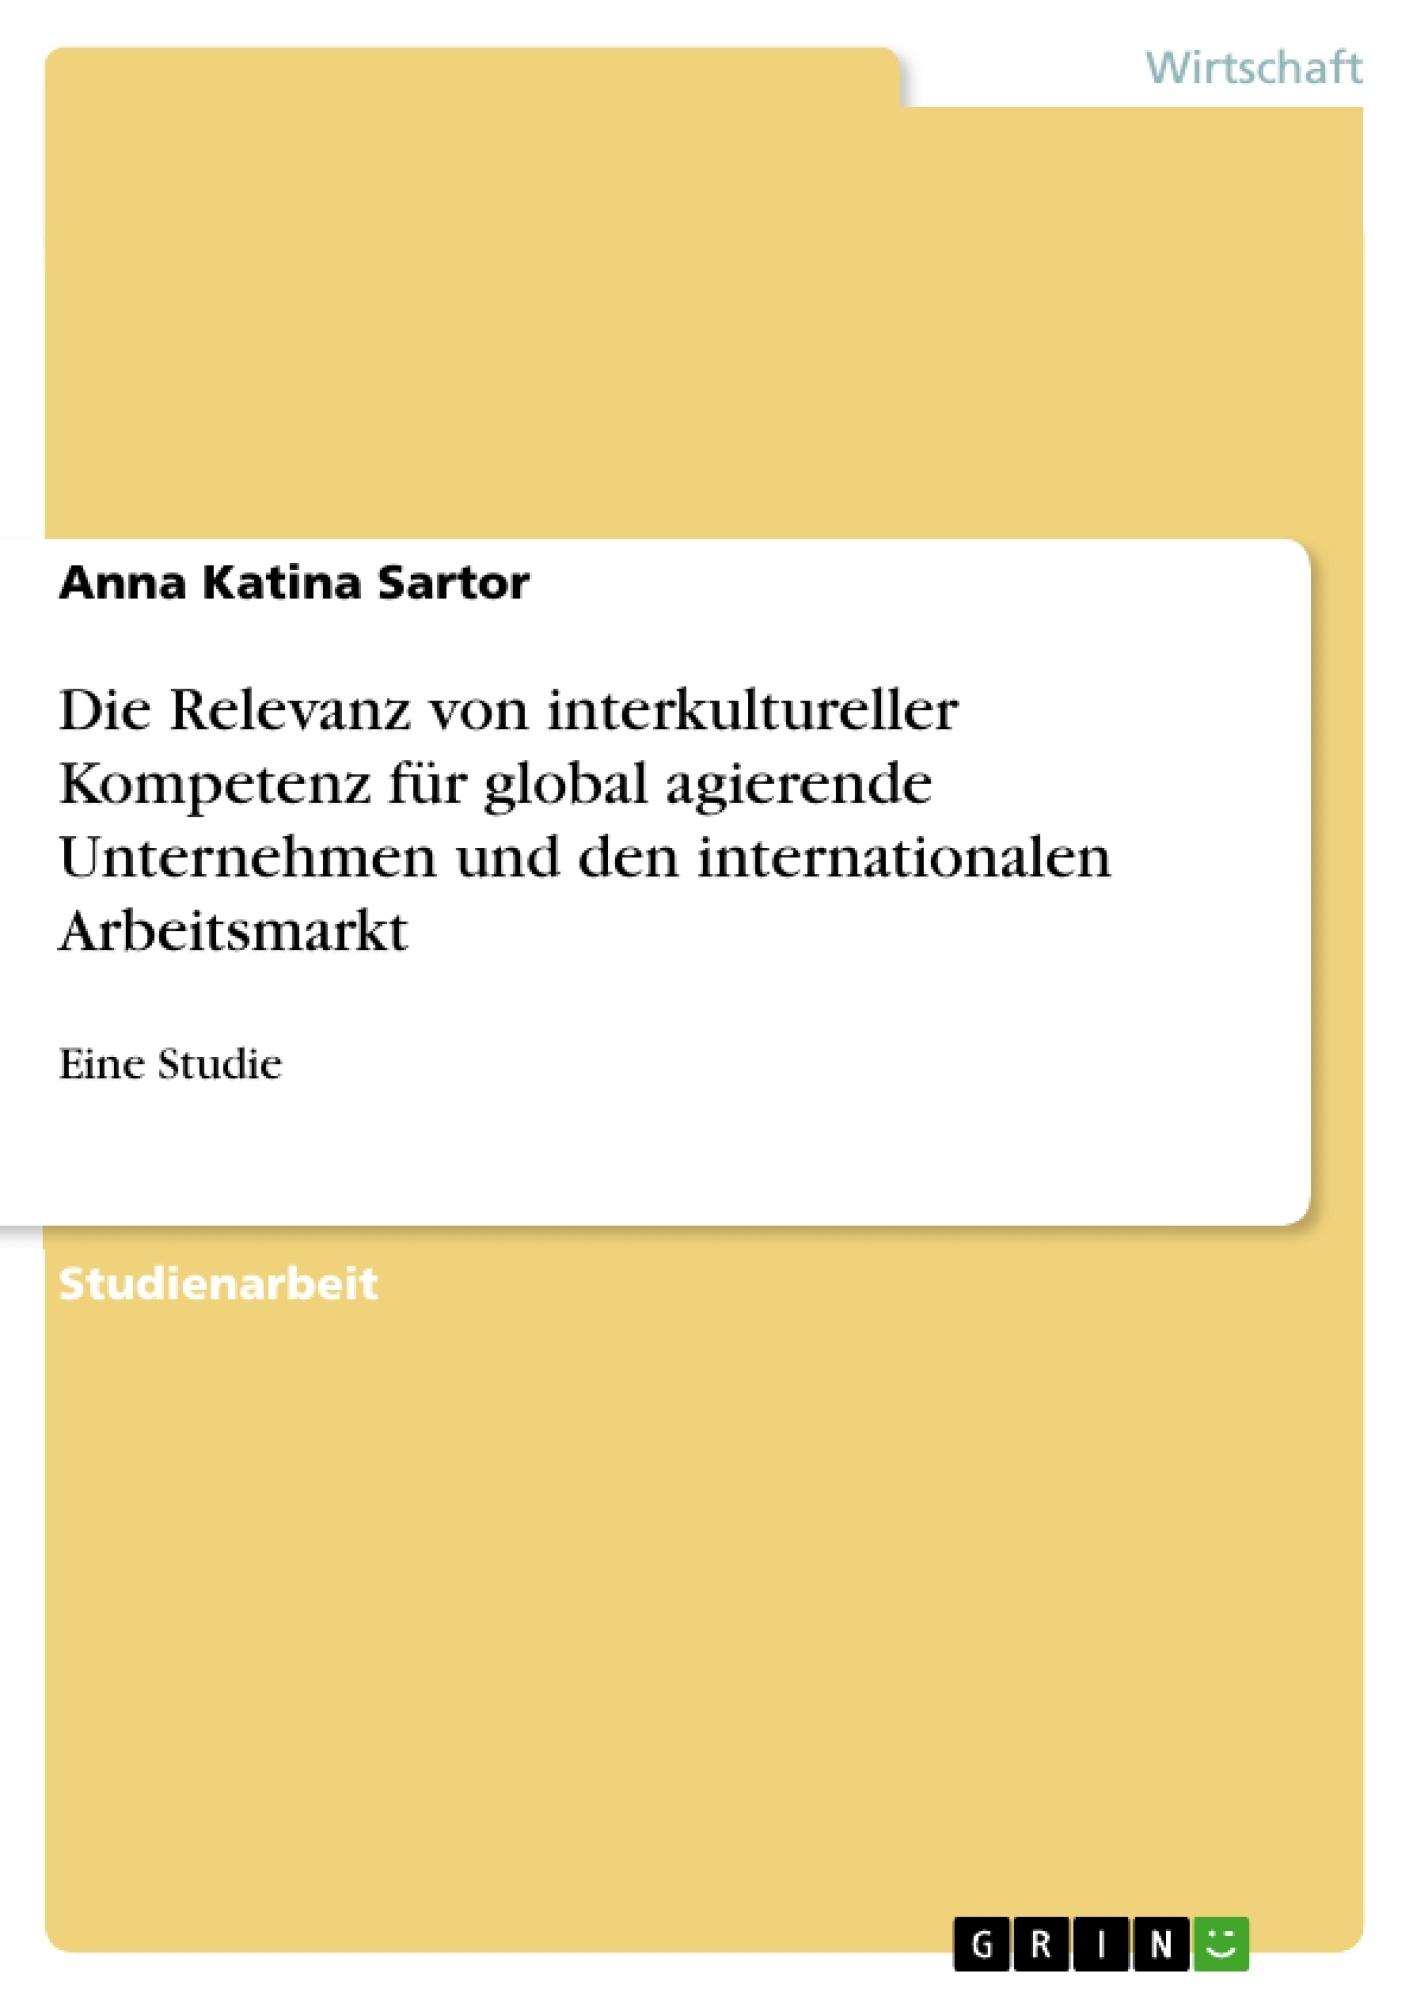 Titel: Die Relevanz von interkultureller Kompetenz für global agierende Unternehmen und den internationalen Arbeitsmarkt